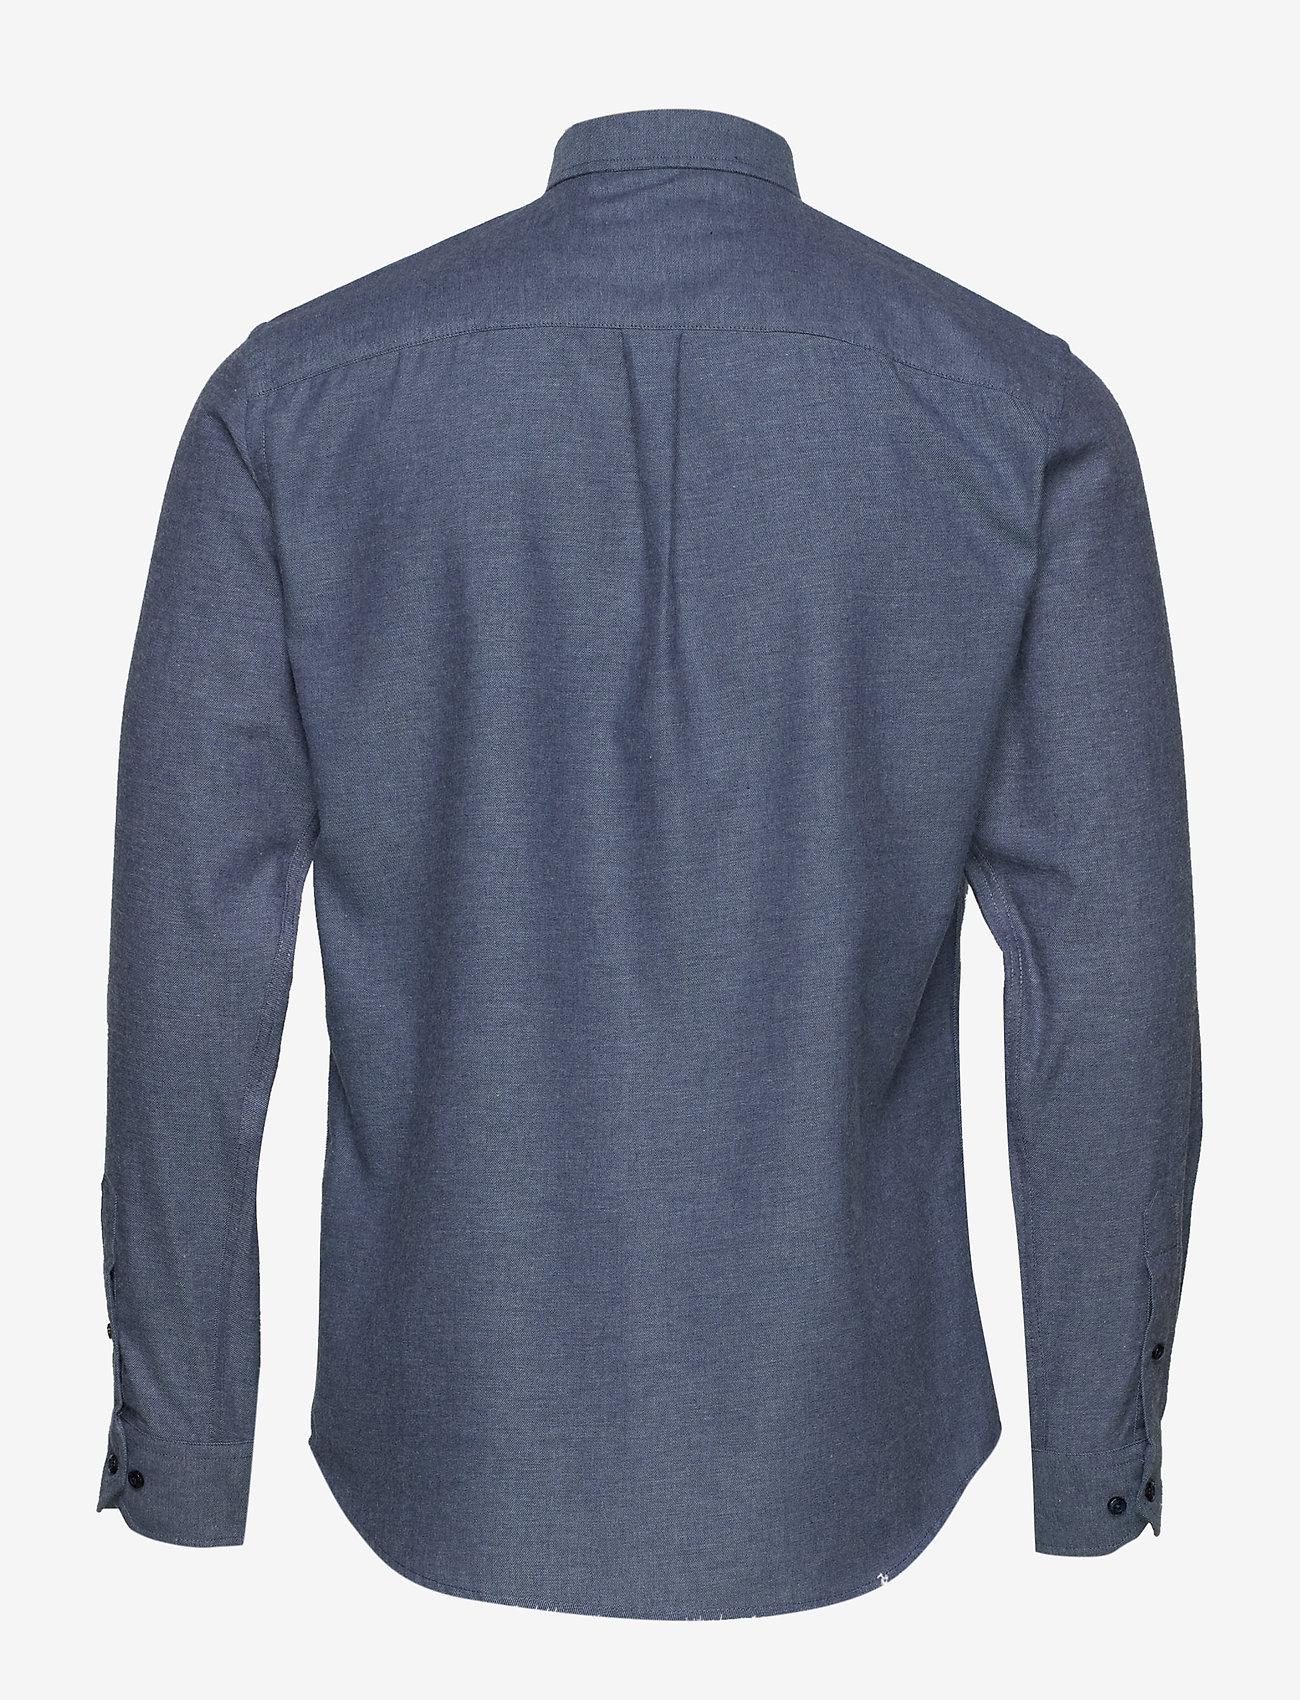 Les Deux Desert Shirt - Skjorter LIGHT DENIM BLUE - Menn Klær